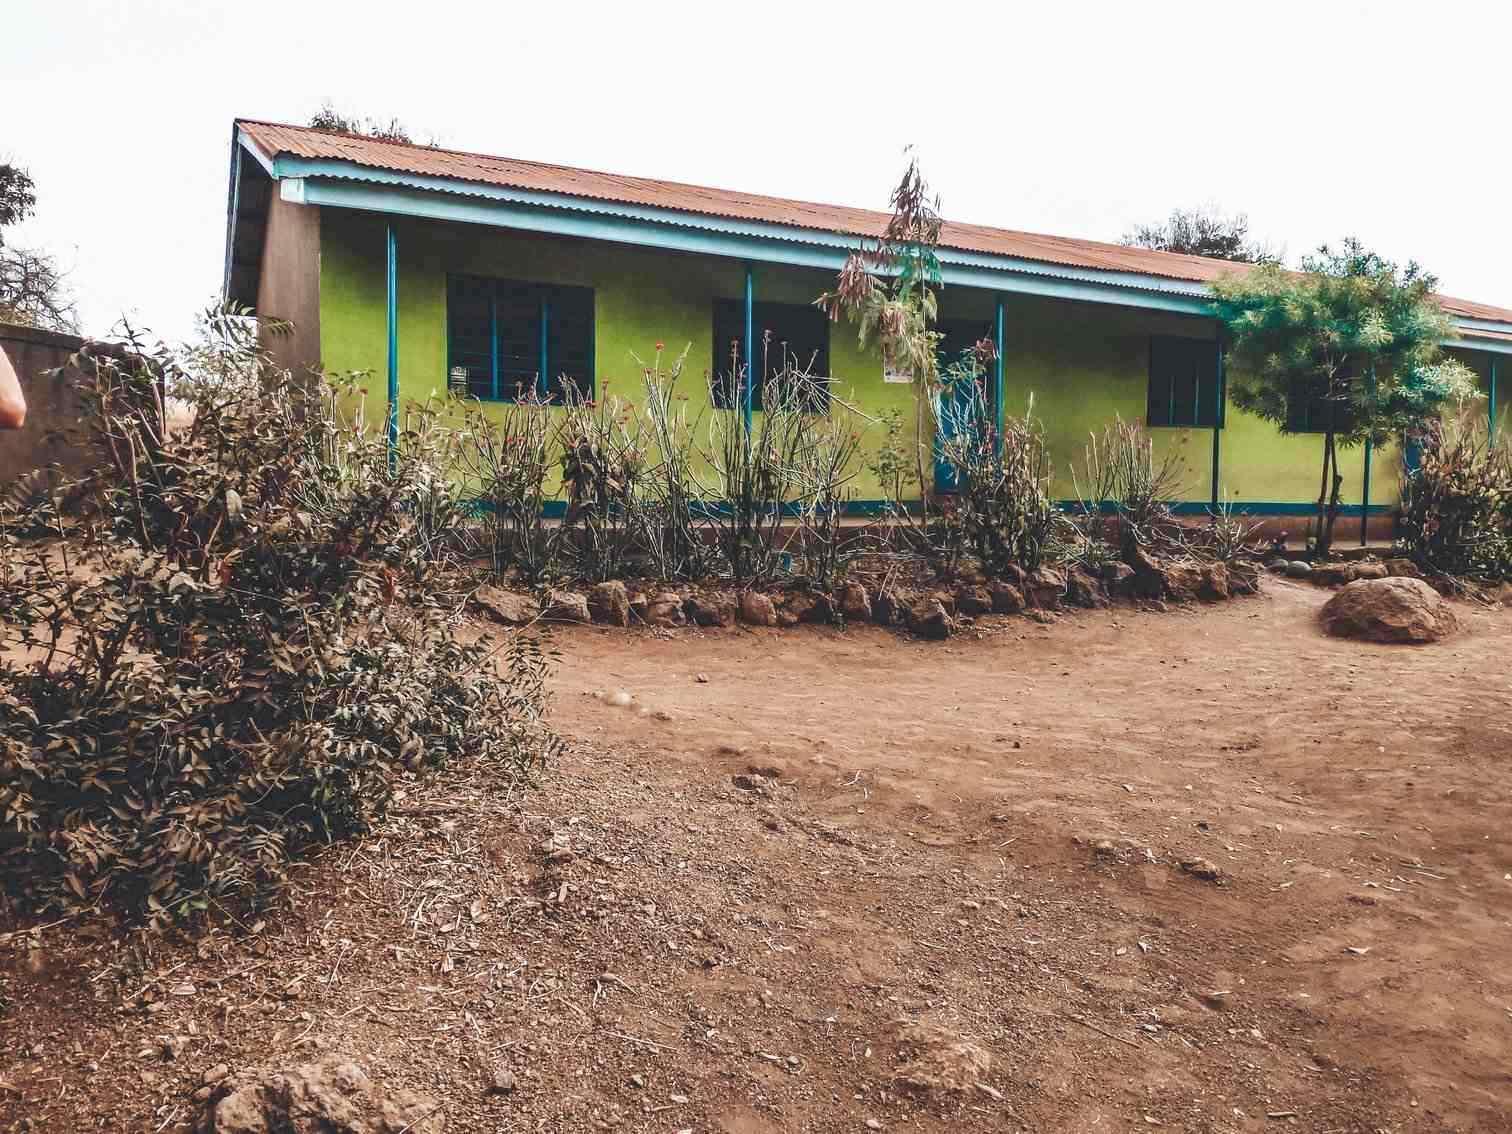 Childreach School in Tanzania